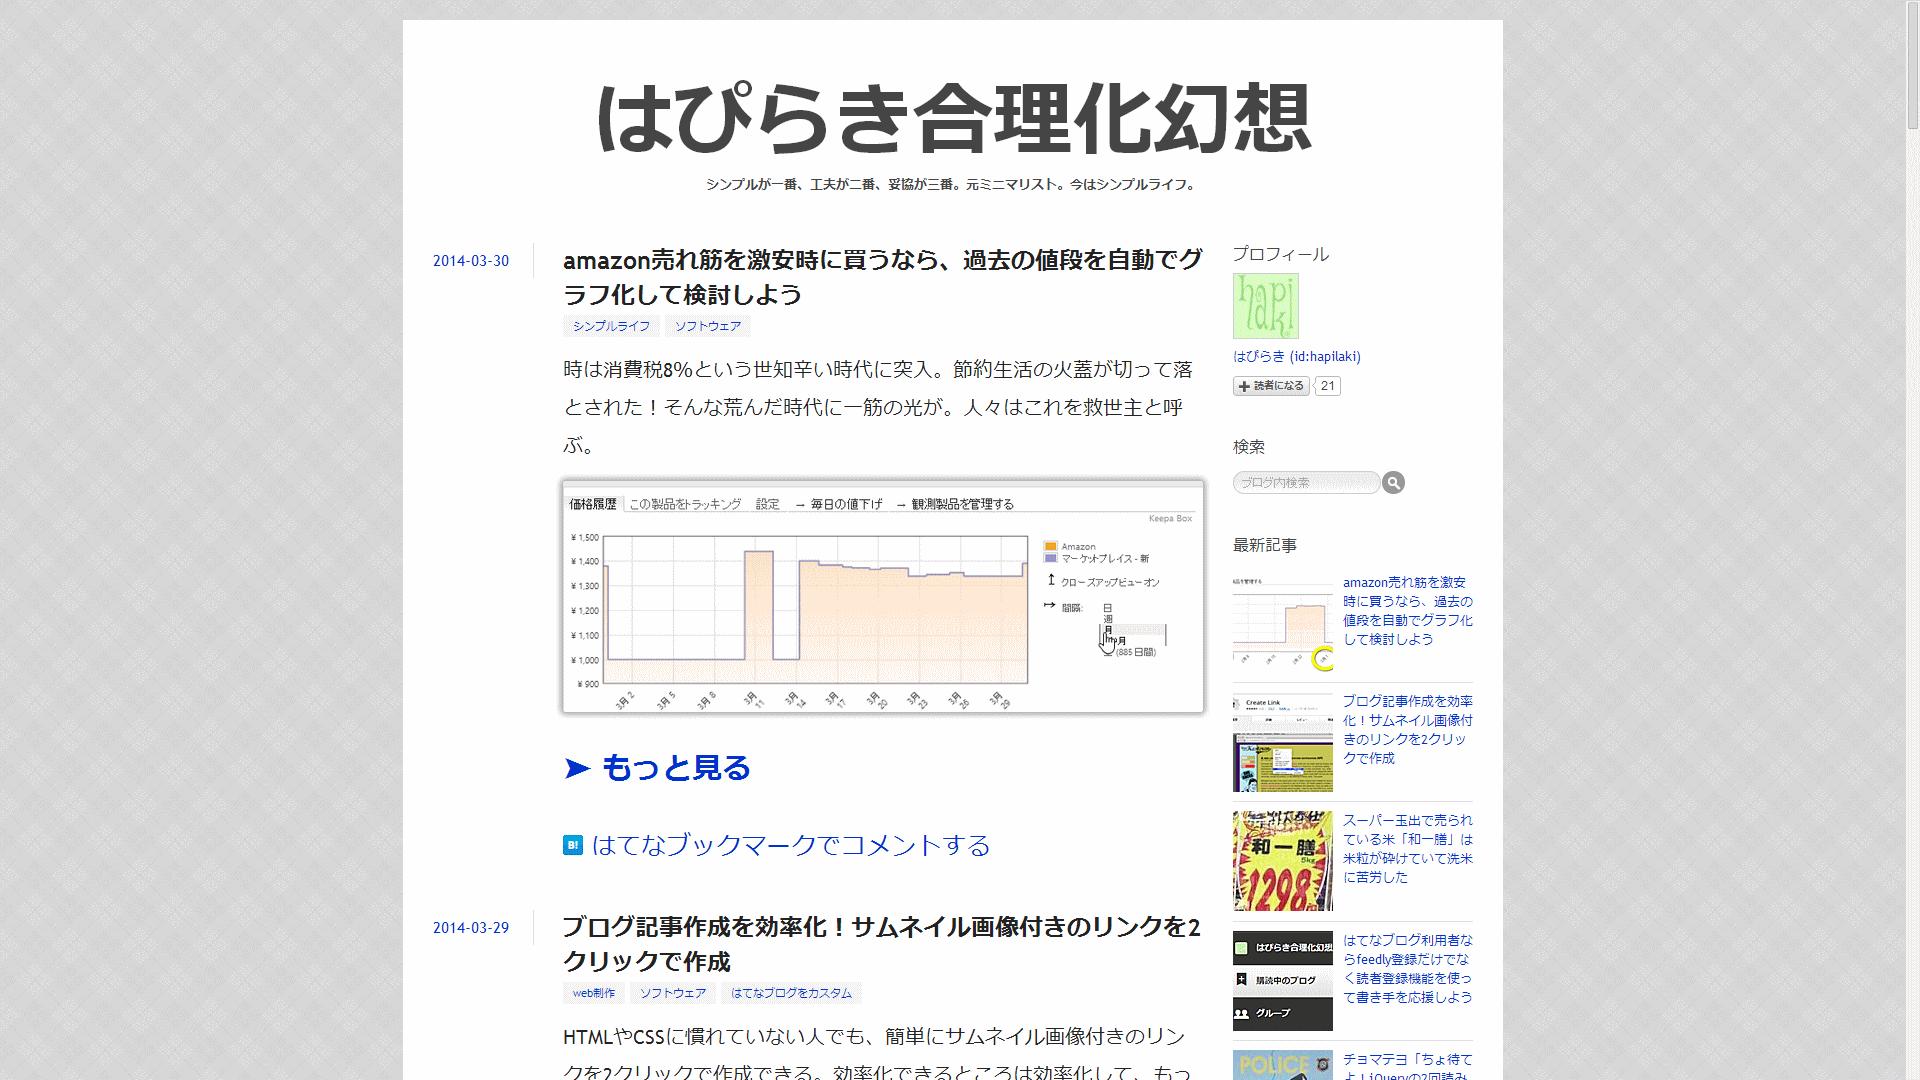 はぴらき合理化幻想2014年3月キャプチャー画像